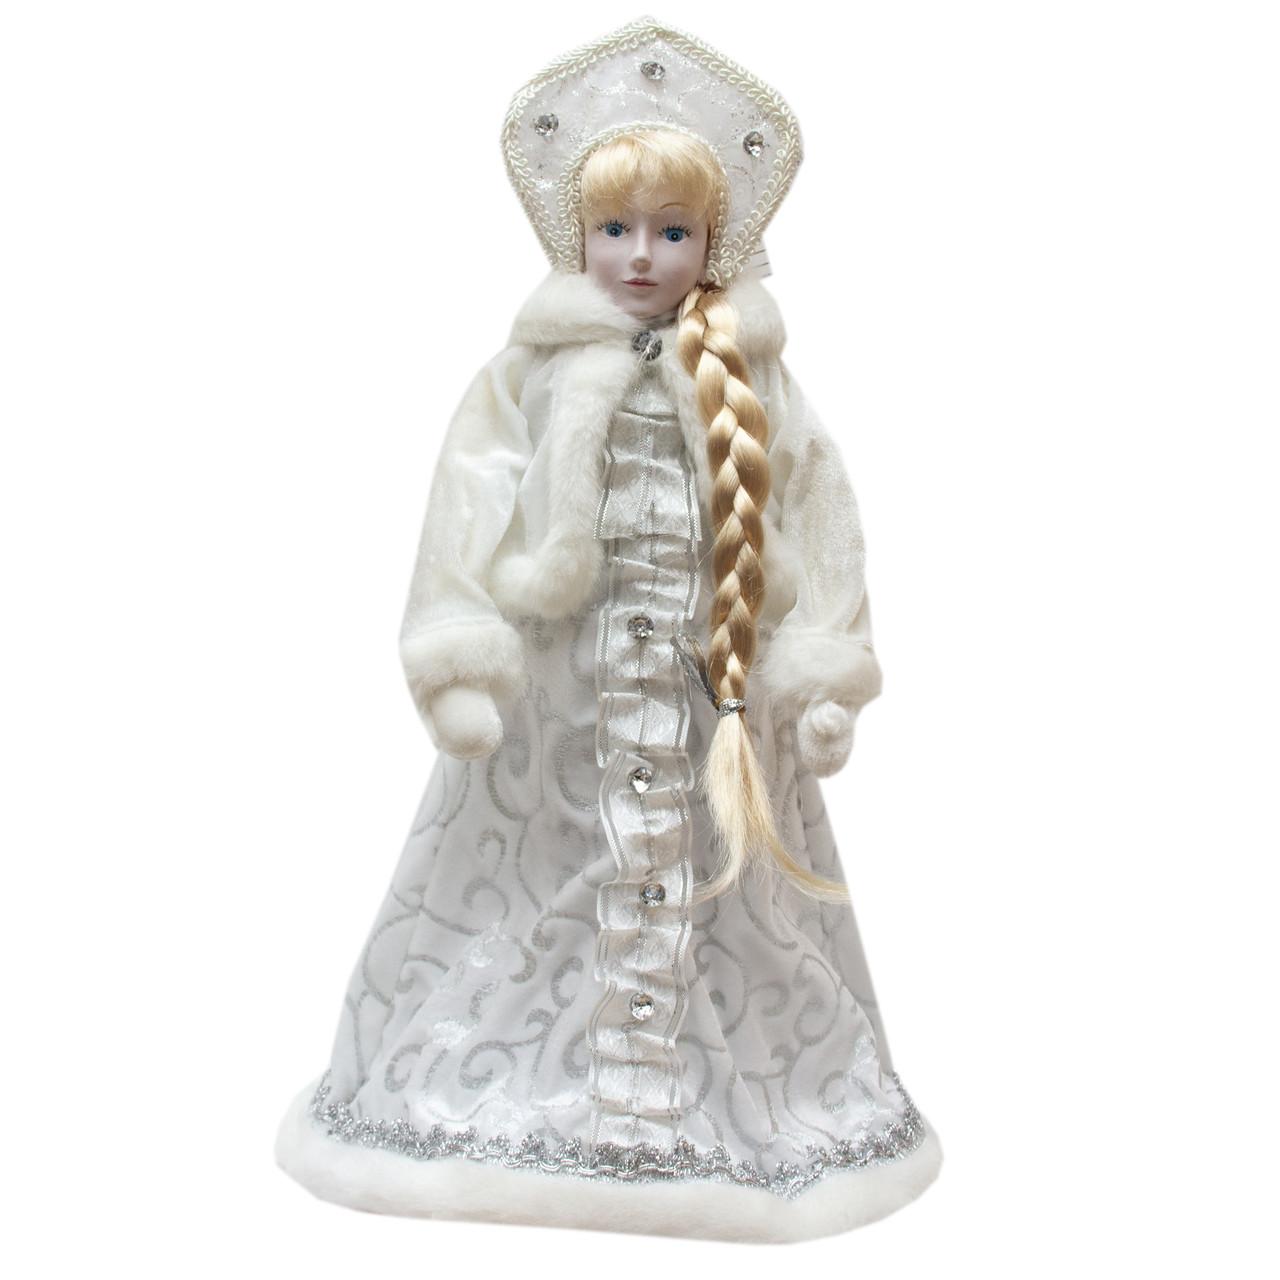 Фигура Снегурочки в белой шубе, 45 см, белый, пластик, текстиль (600205-1)